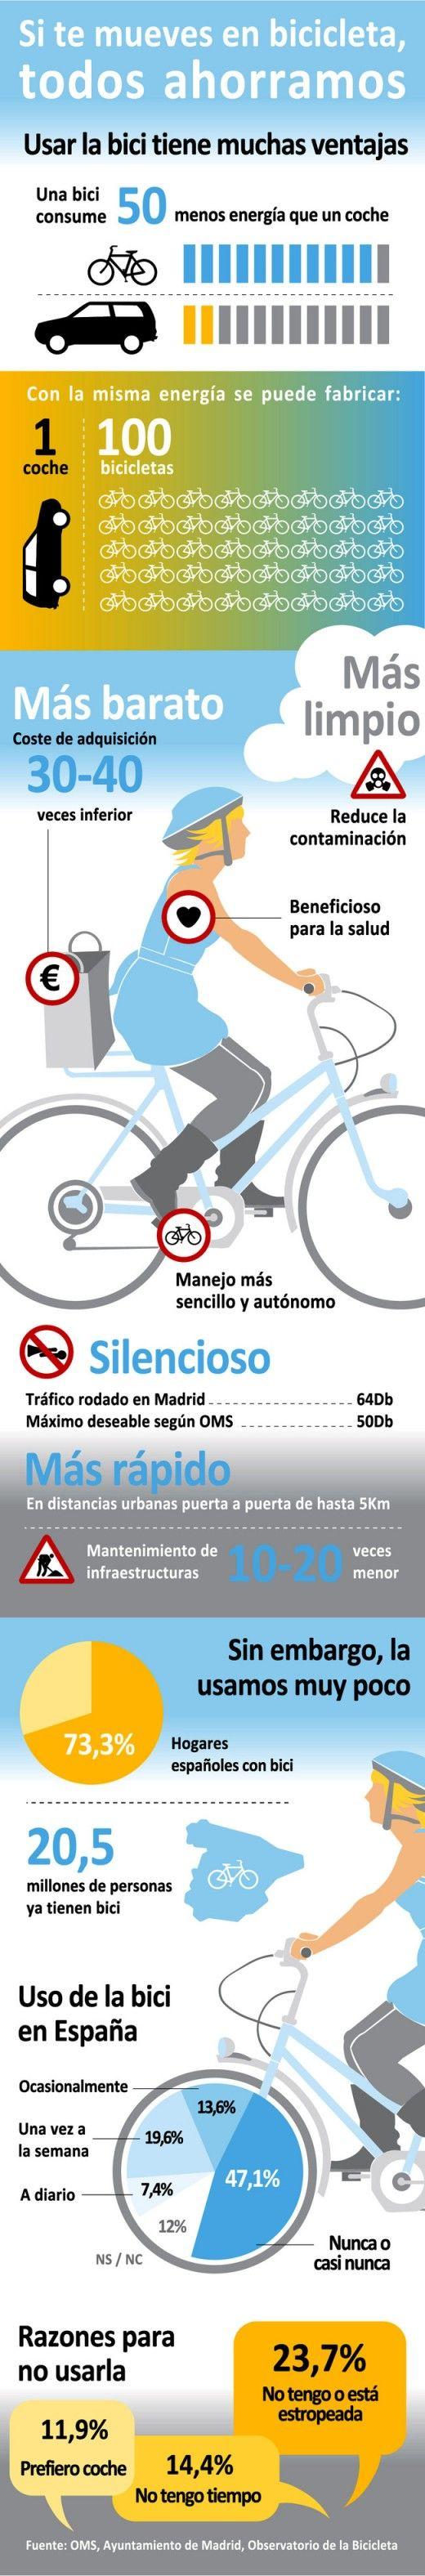 Imagen de la semana: Las ventajas de la bici en una infografía